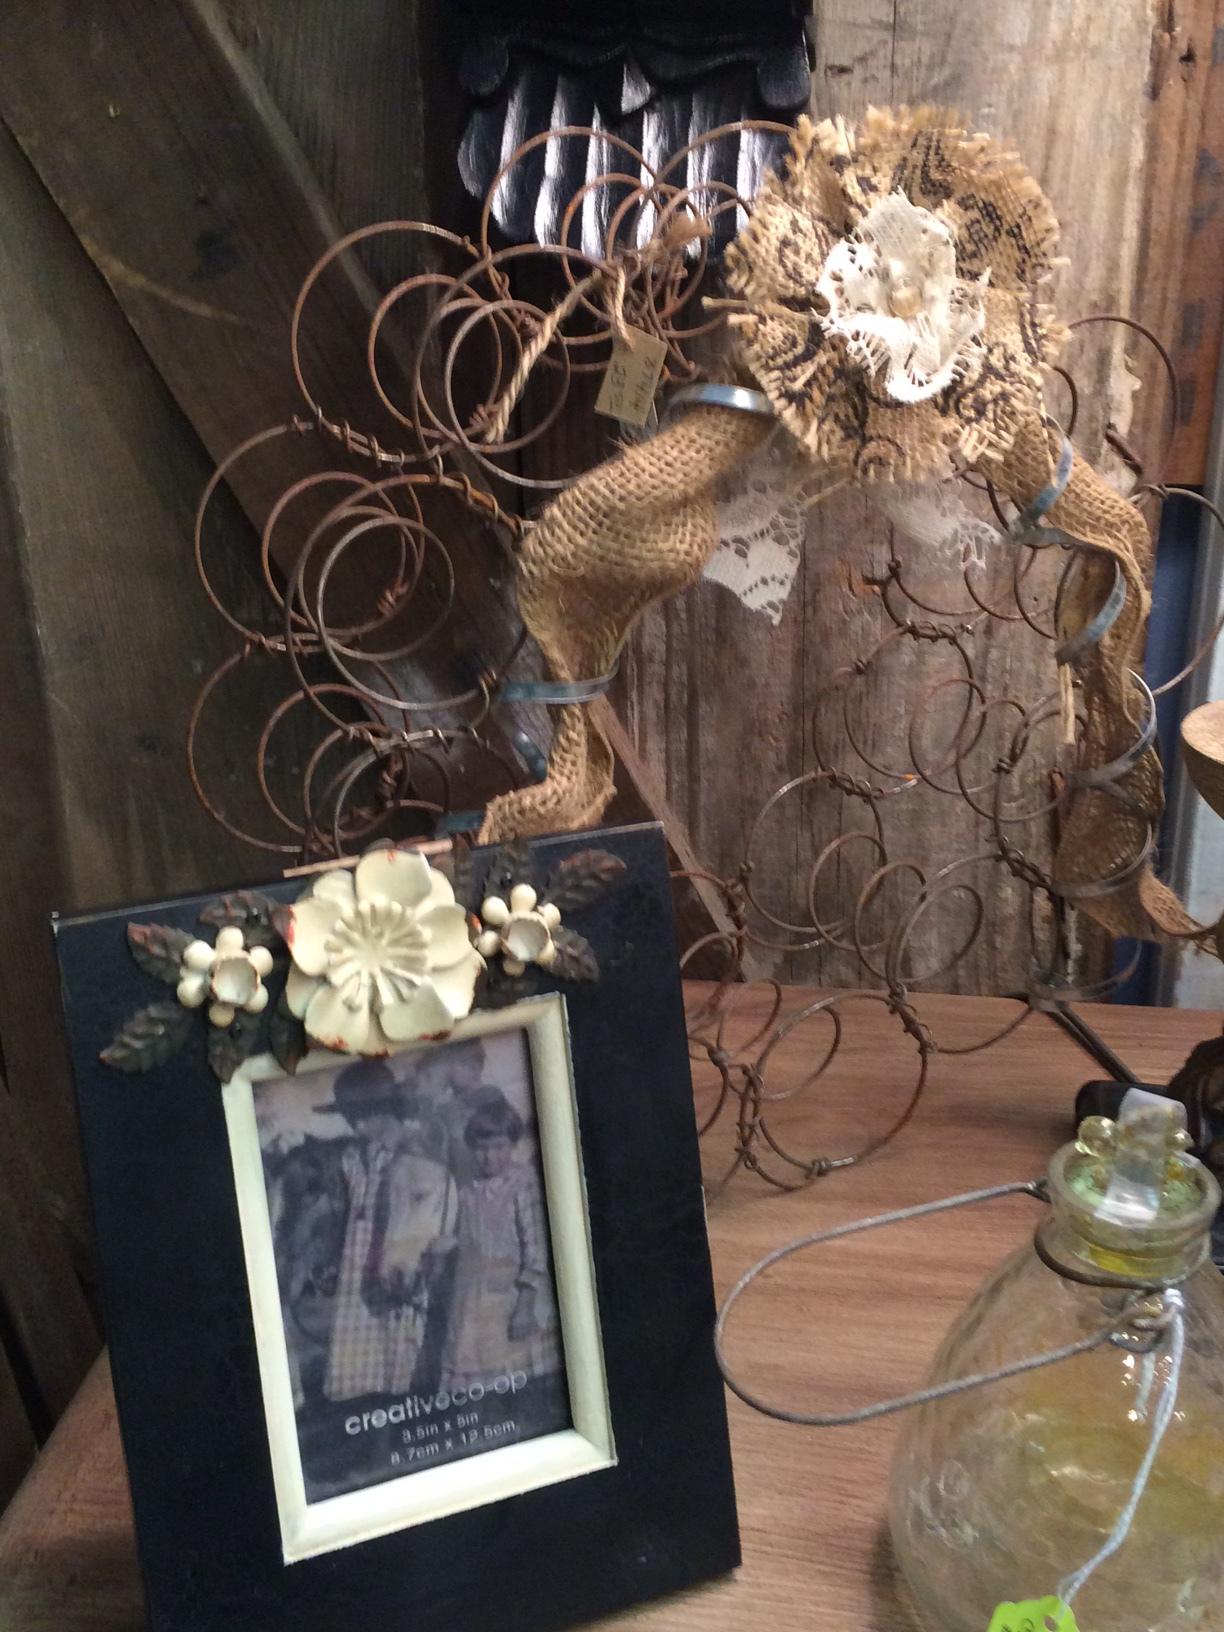 Antiques, vintage, shiplap, rustic industrial decor